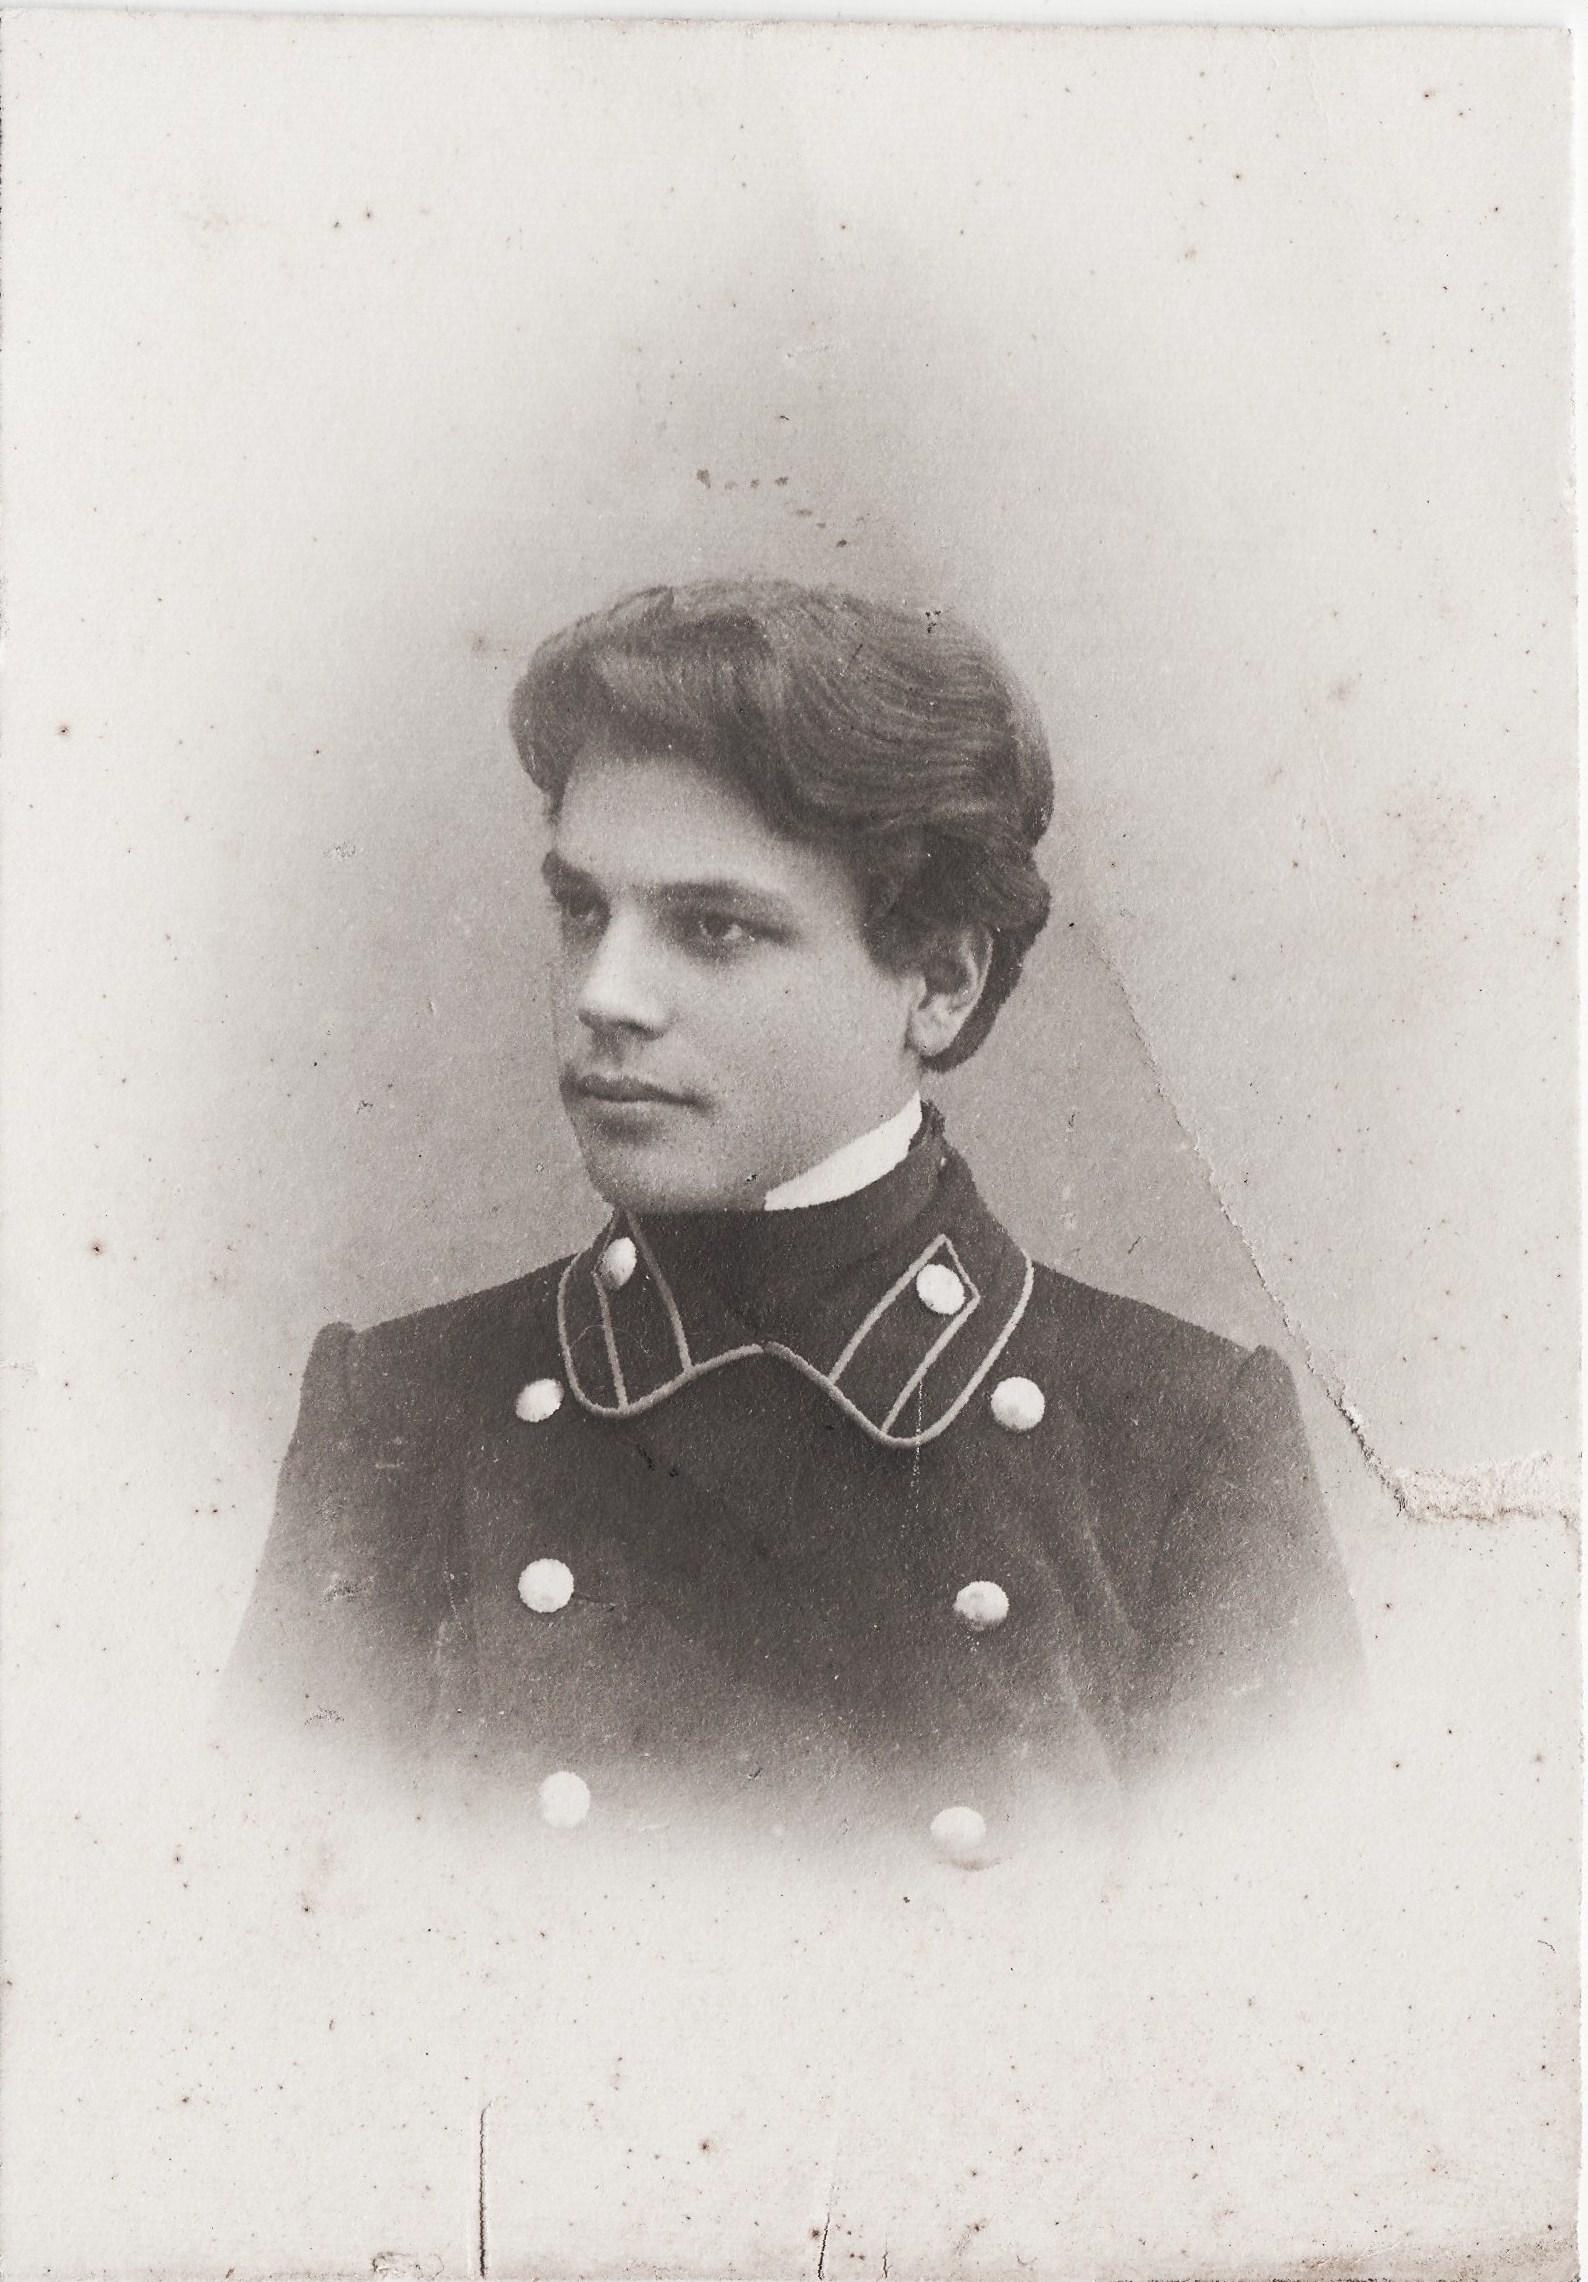 Студент Заведеев Петр. II отделение 1 разряд (22 марта 1930 арестован по обвинению в контрреволюционной агитации)